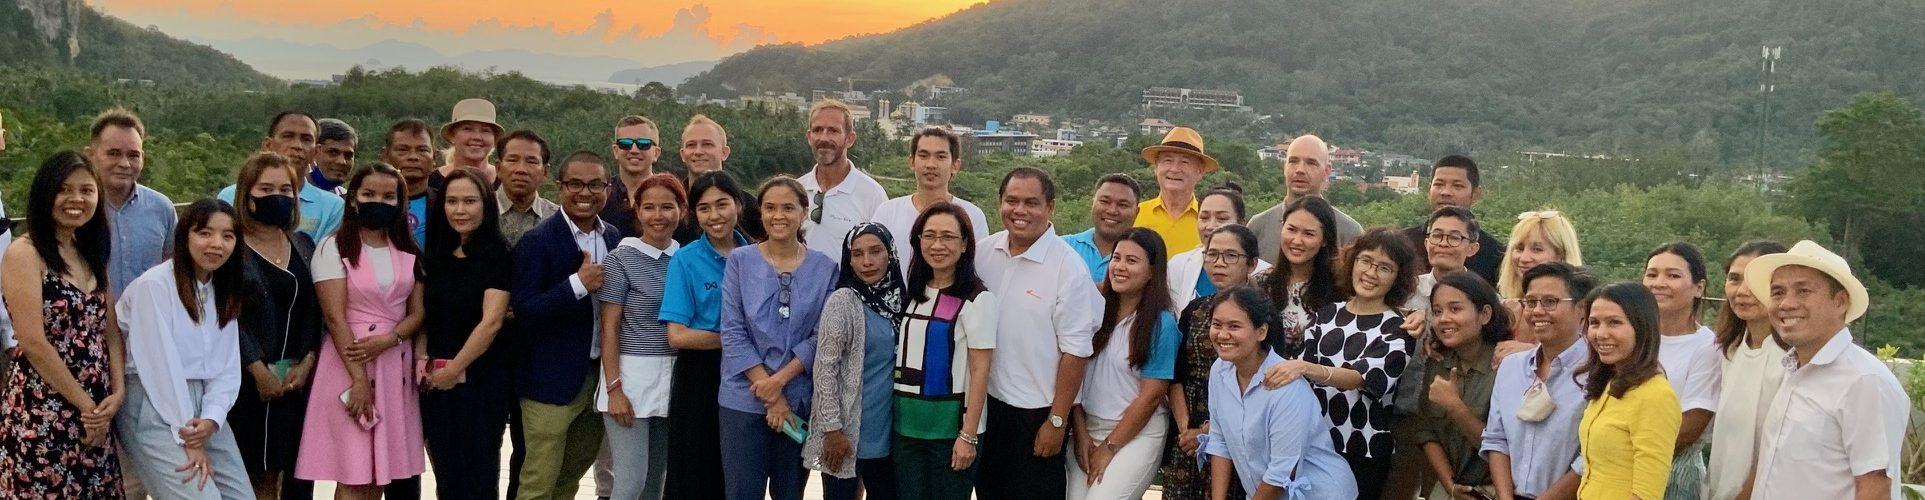 Autoriteti i Turizmit Tajlandë pret Takimin e parë Neutral të Karbonit Karbon